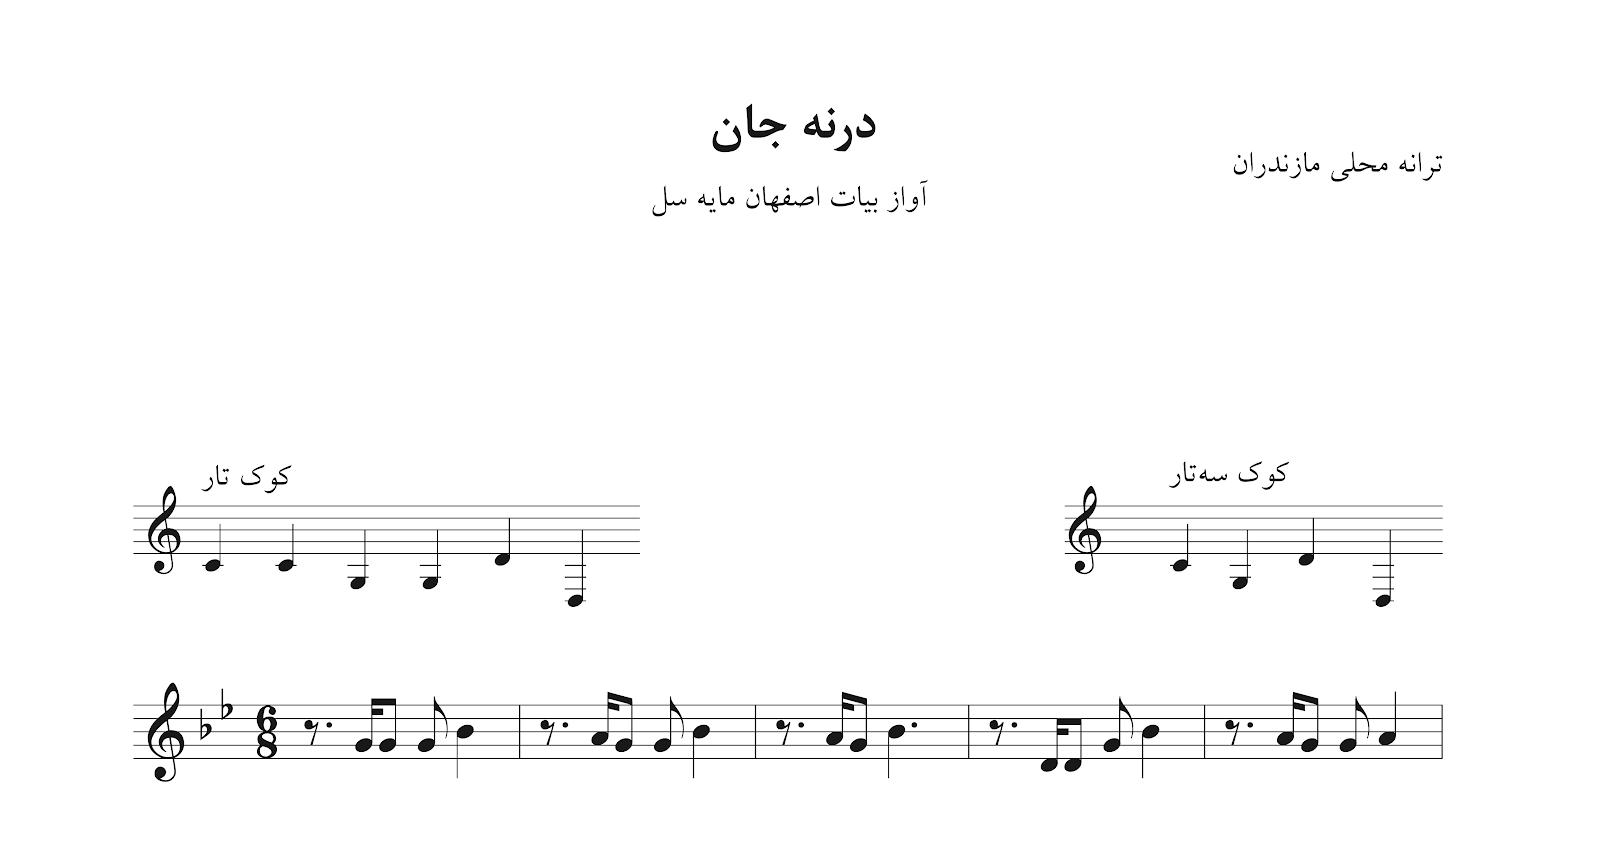 نت درنه جان آواز بیات اصفهان آهنگ محلی مازندرانی